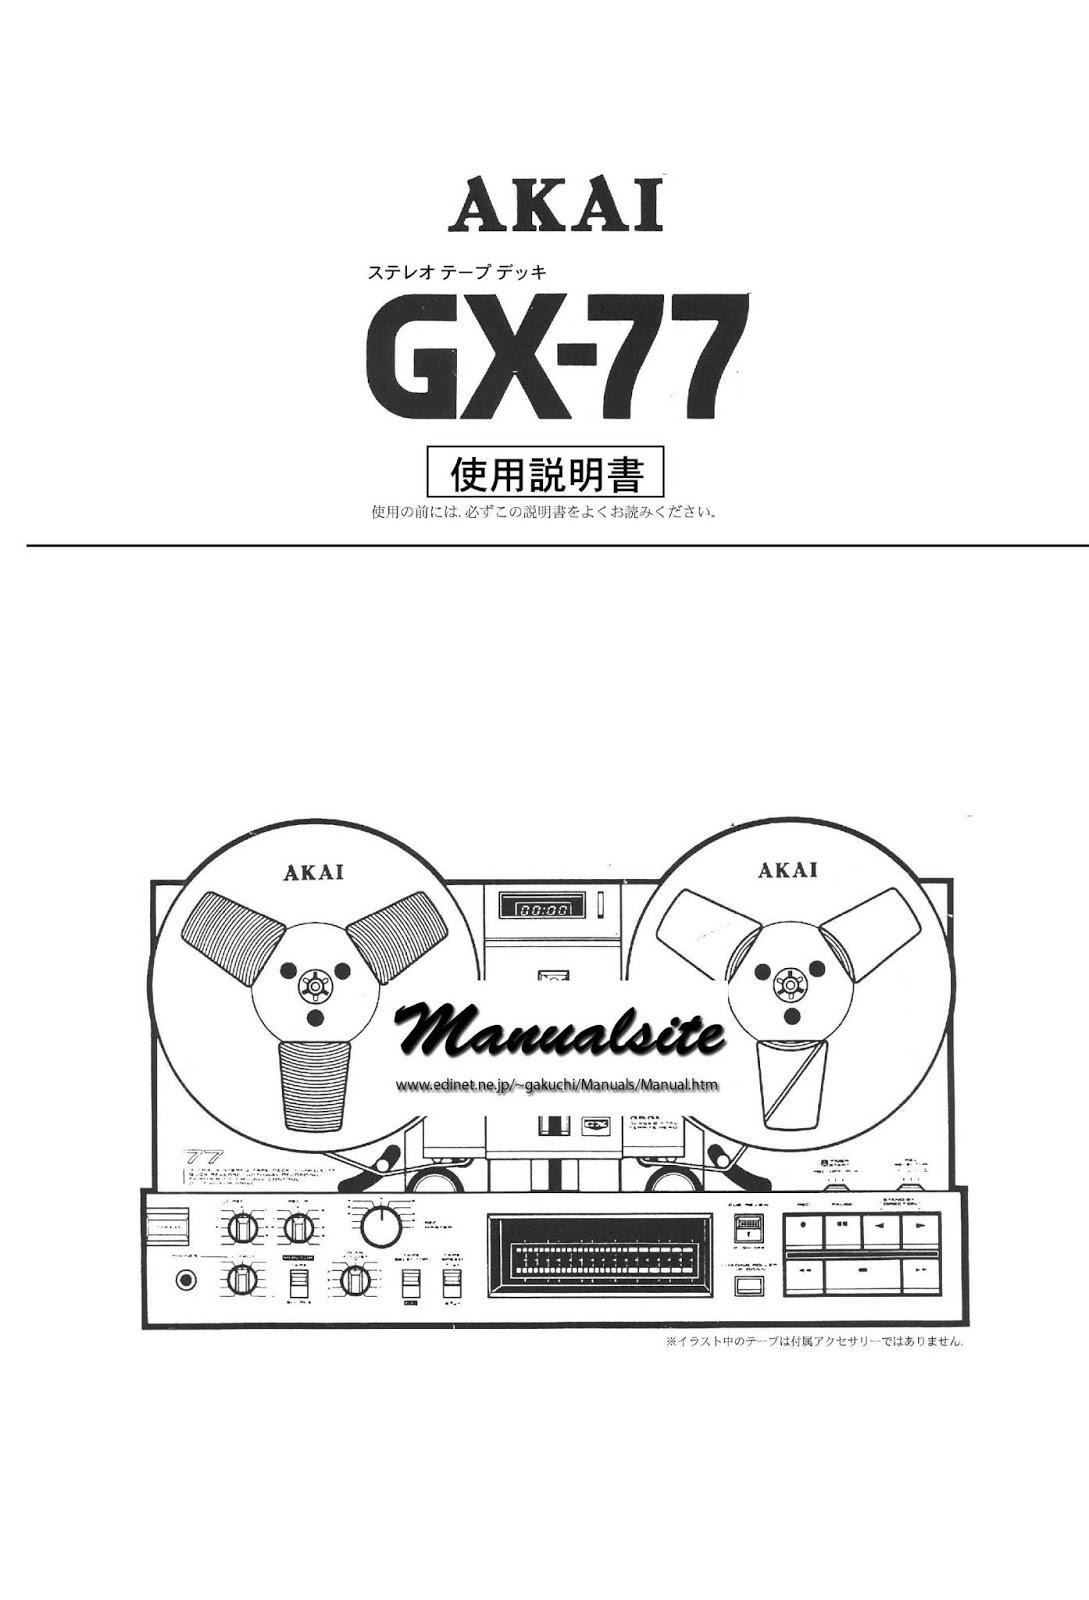 マニュアルサイト詳細館: GX-77